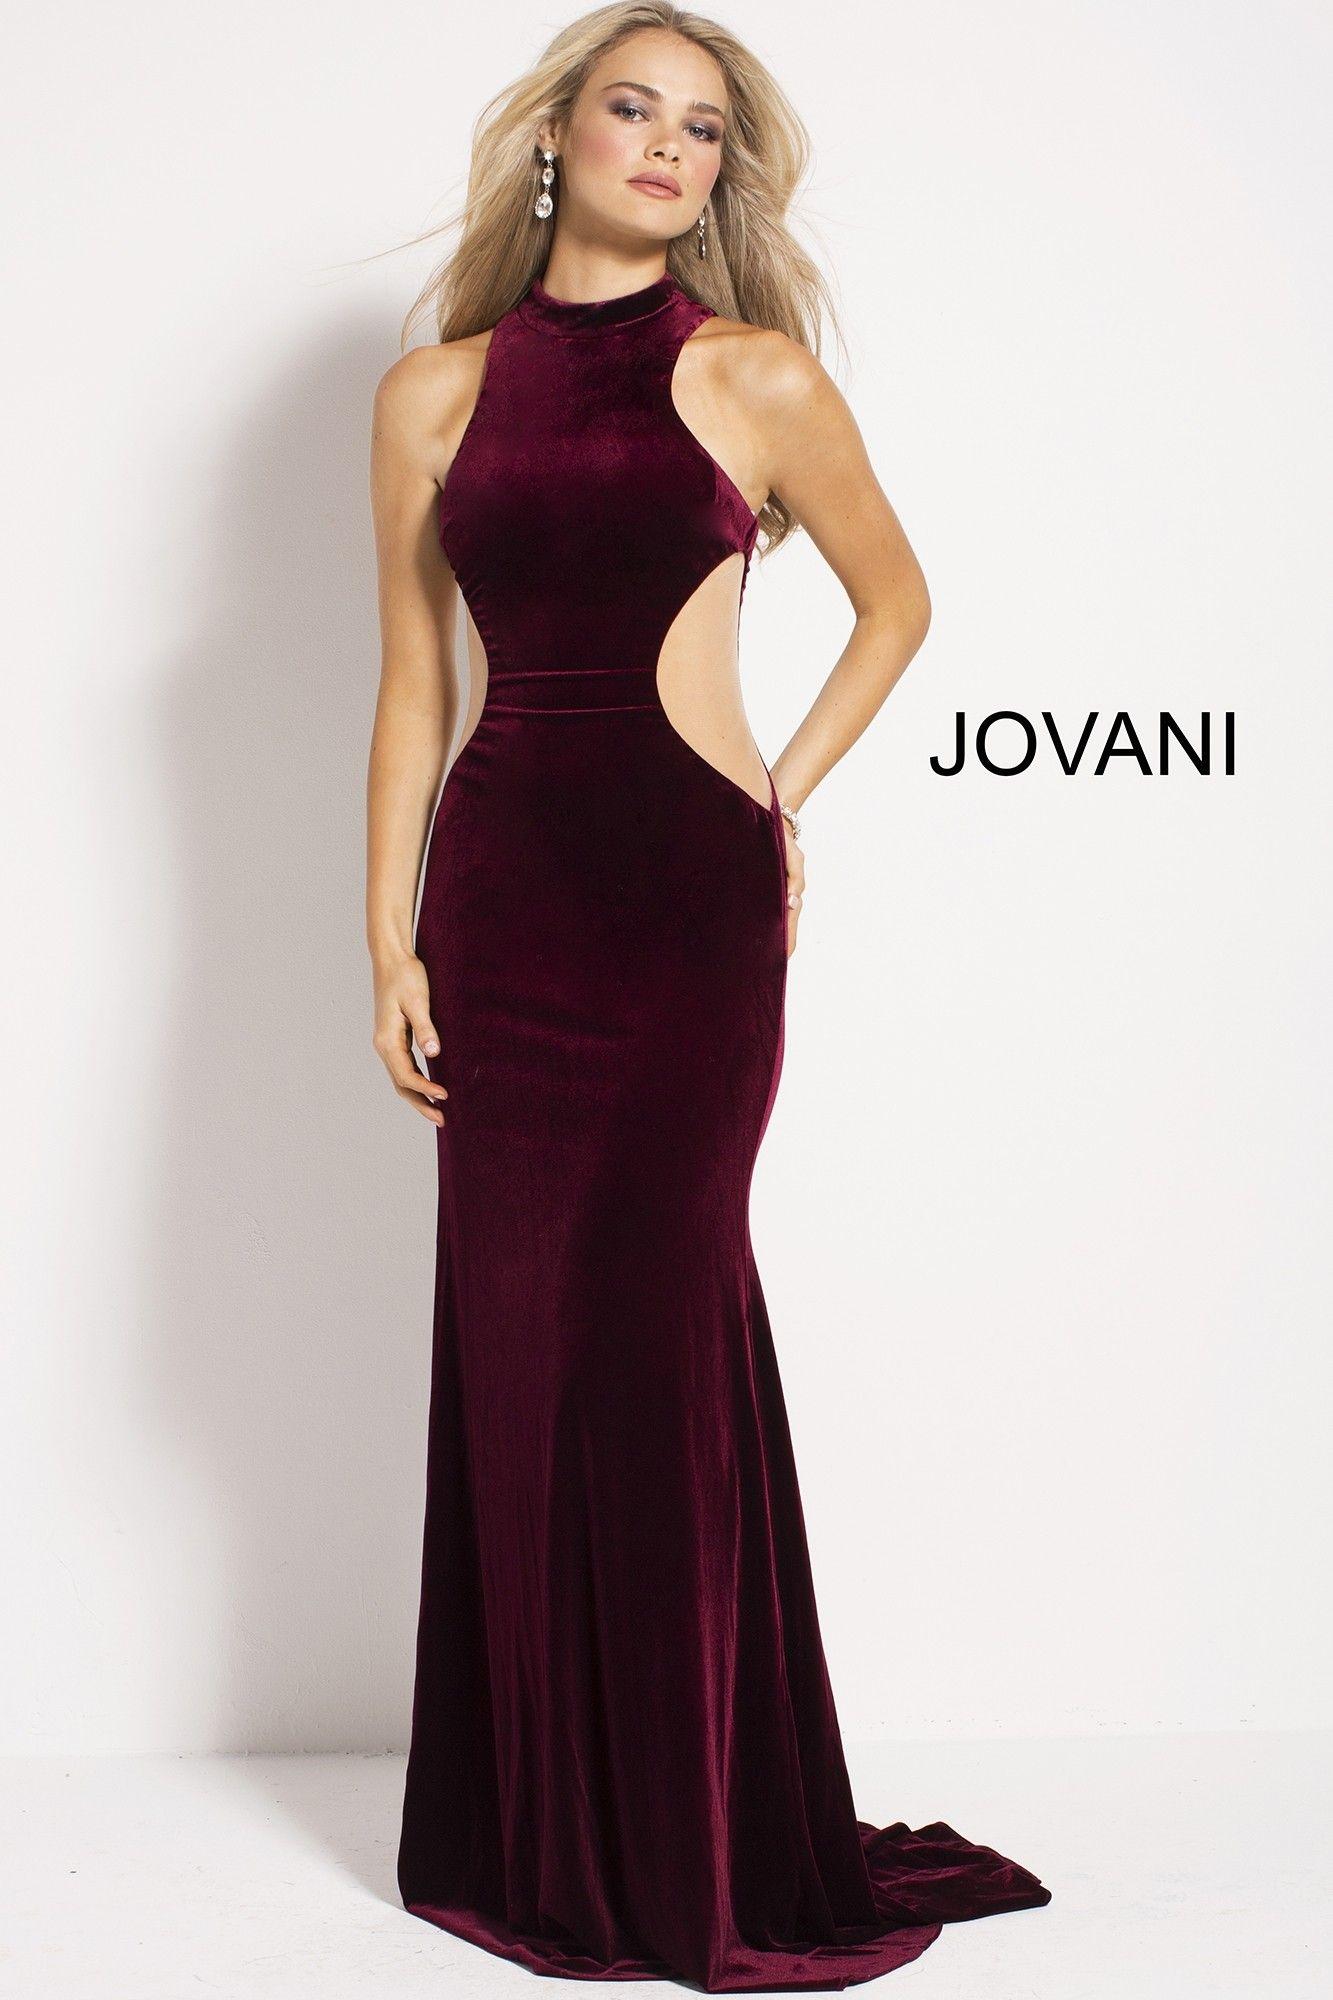 Jovani velvet gown with sheer sides velvet gown military